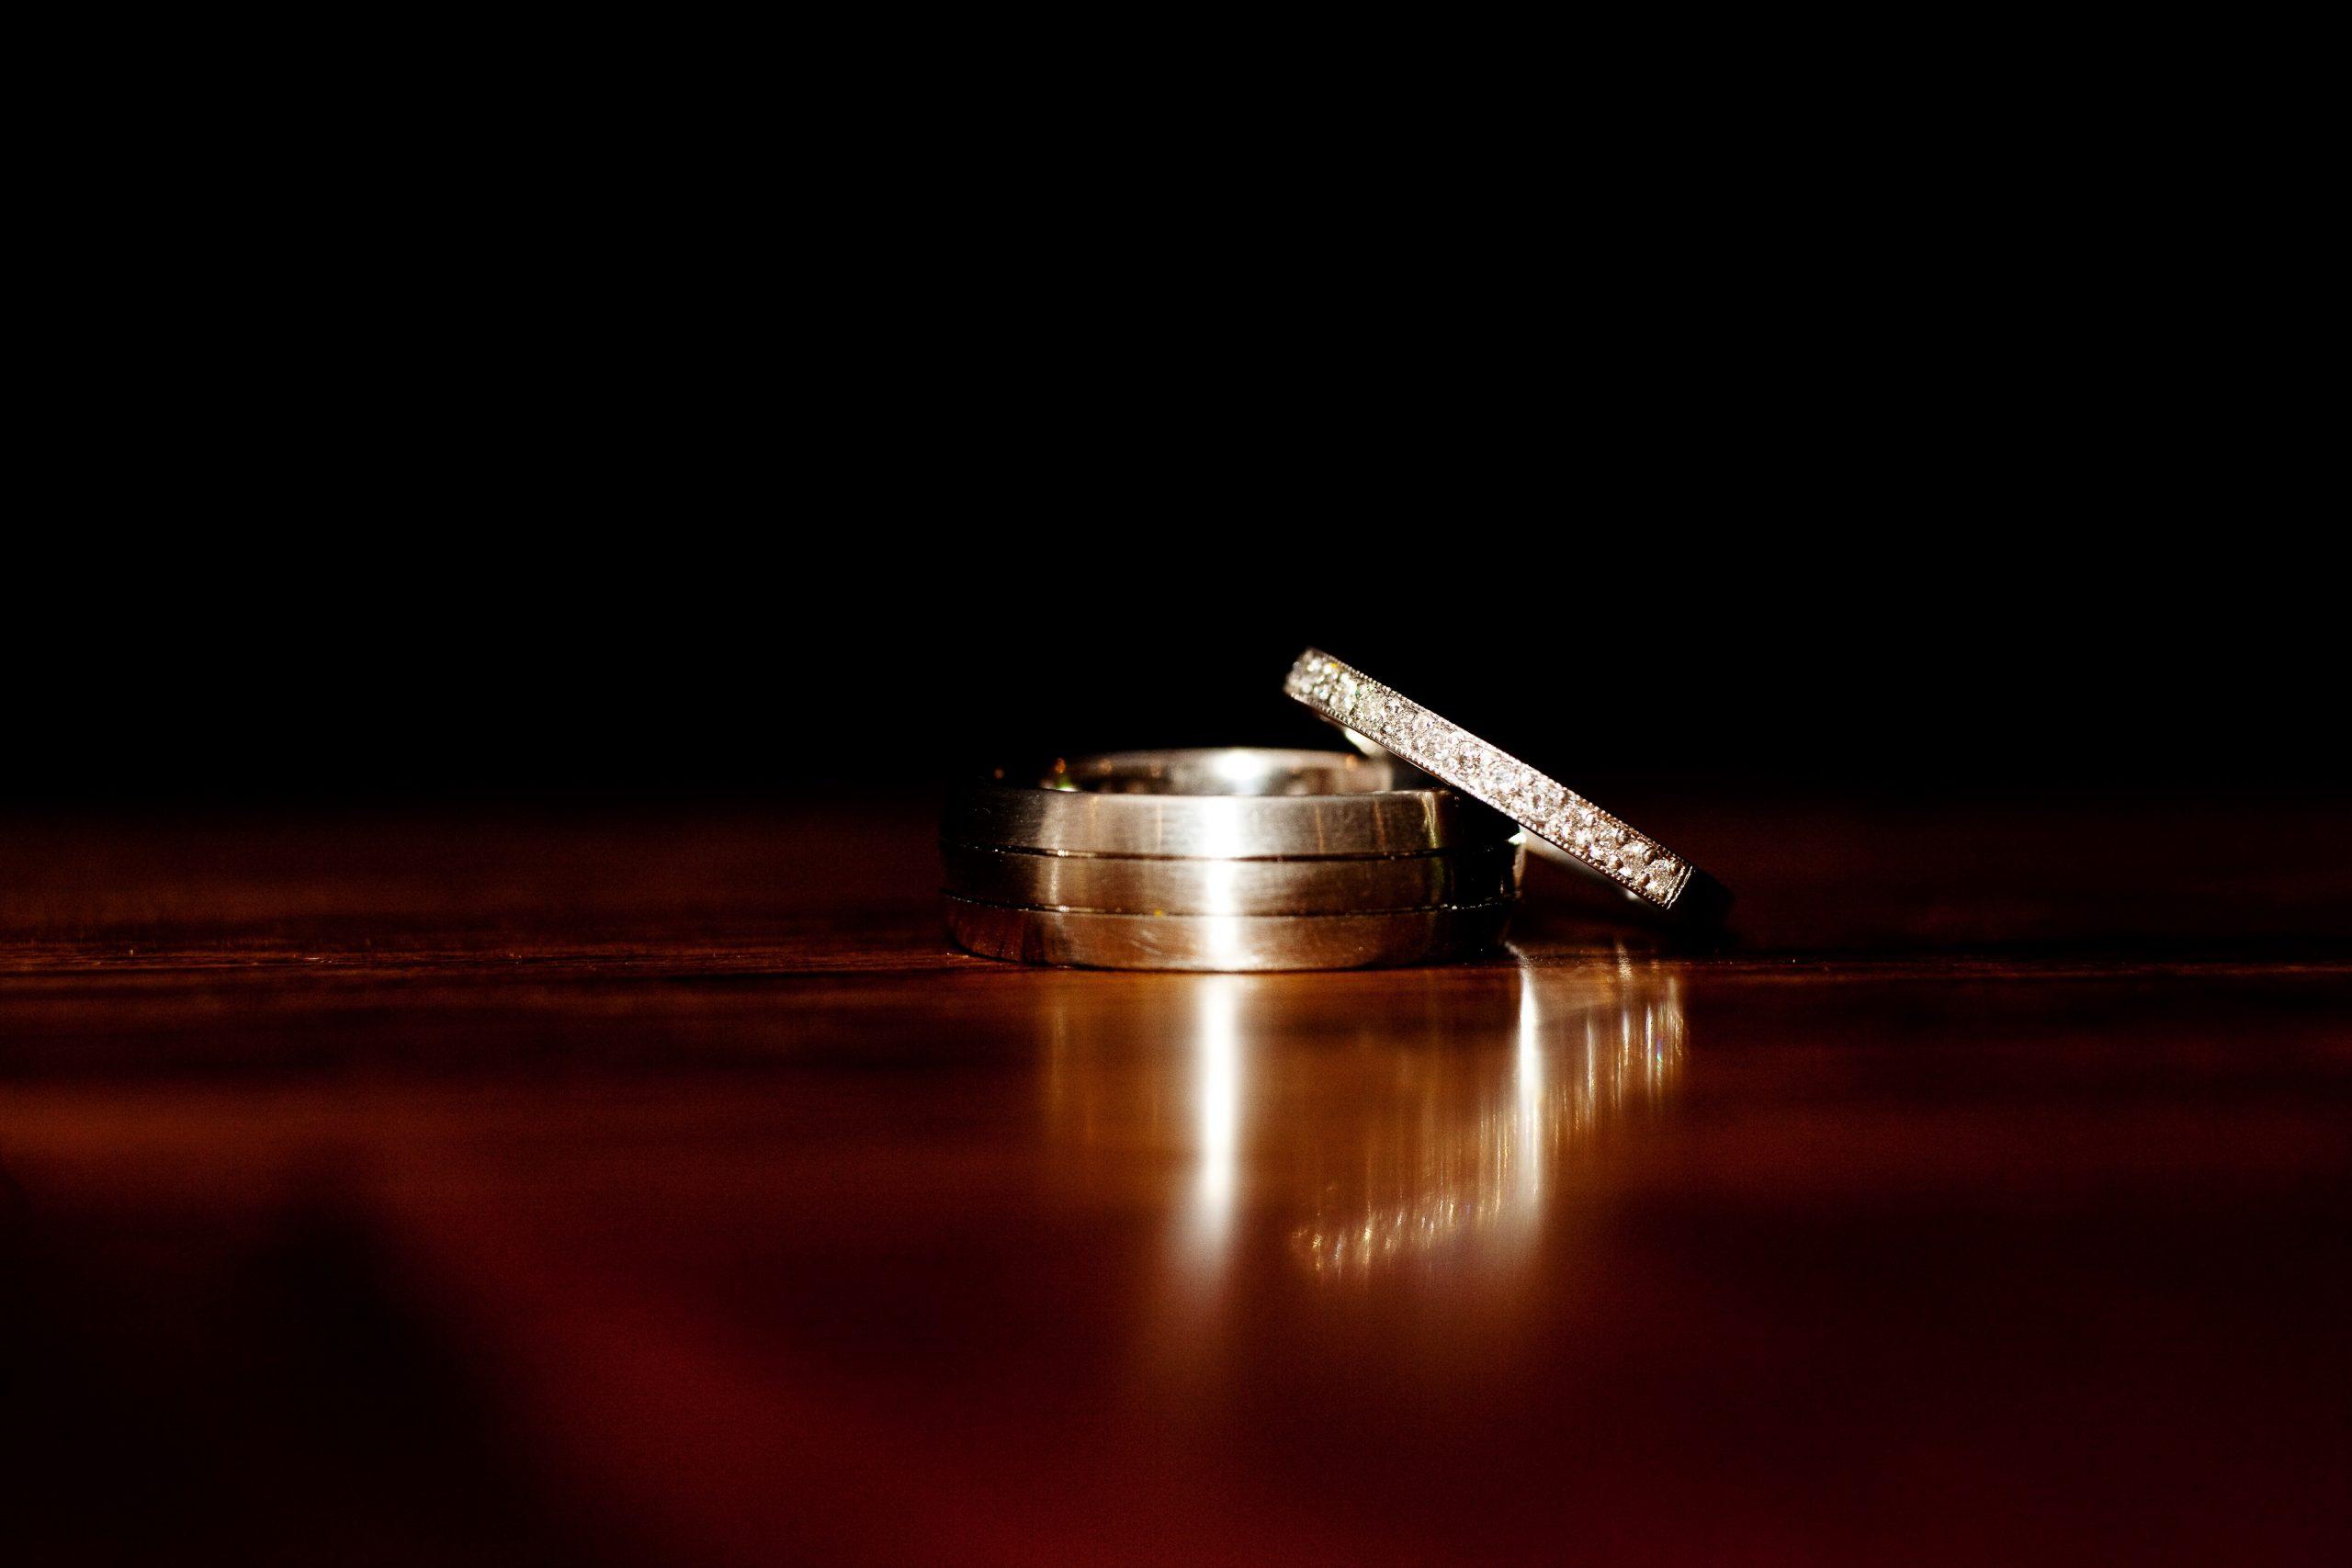 Wedding Bands Image